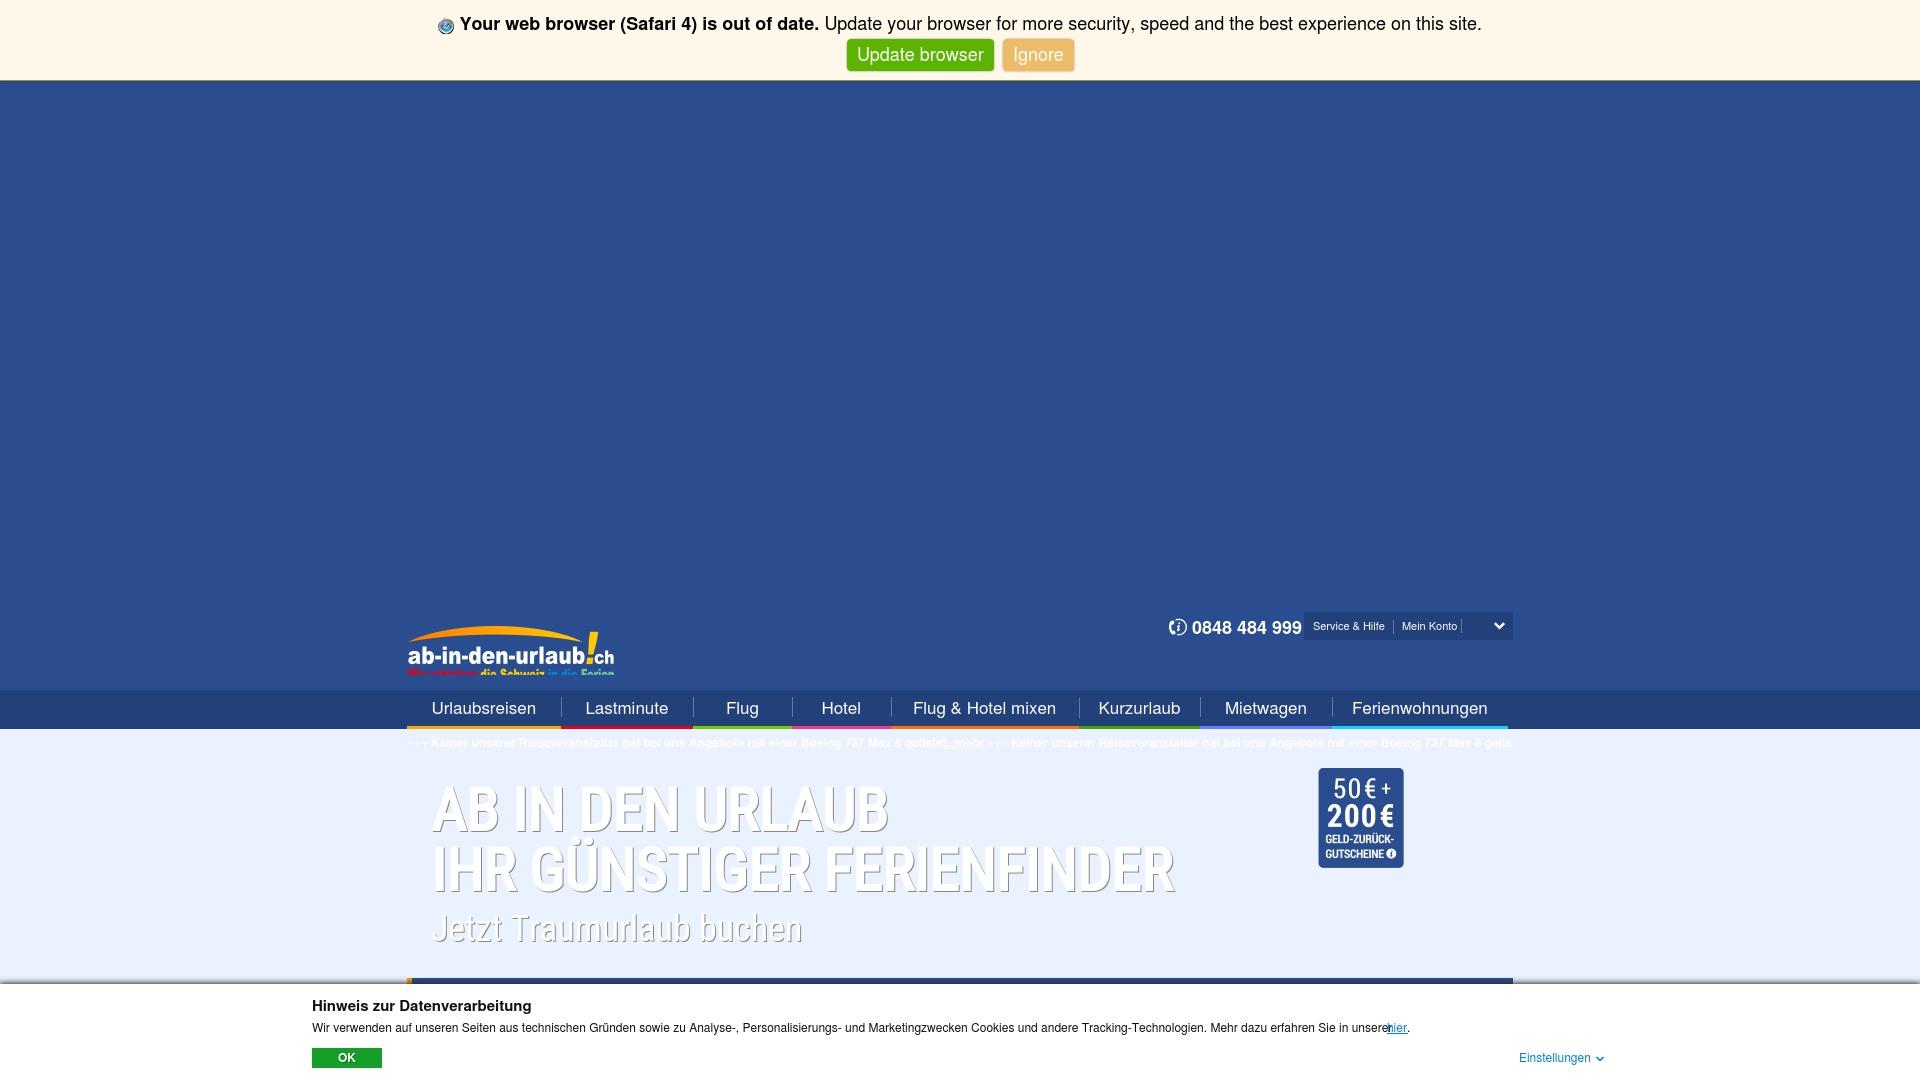 Geld zurück bei Ab-in-den-urlaub: Jetzt im Oktober 2021 Cashback für Ab-in-den-urlaub sichern